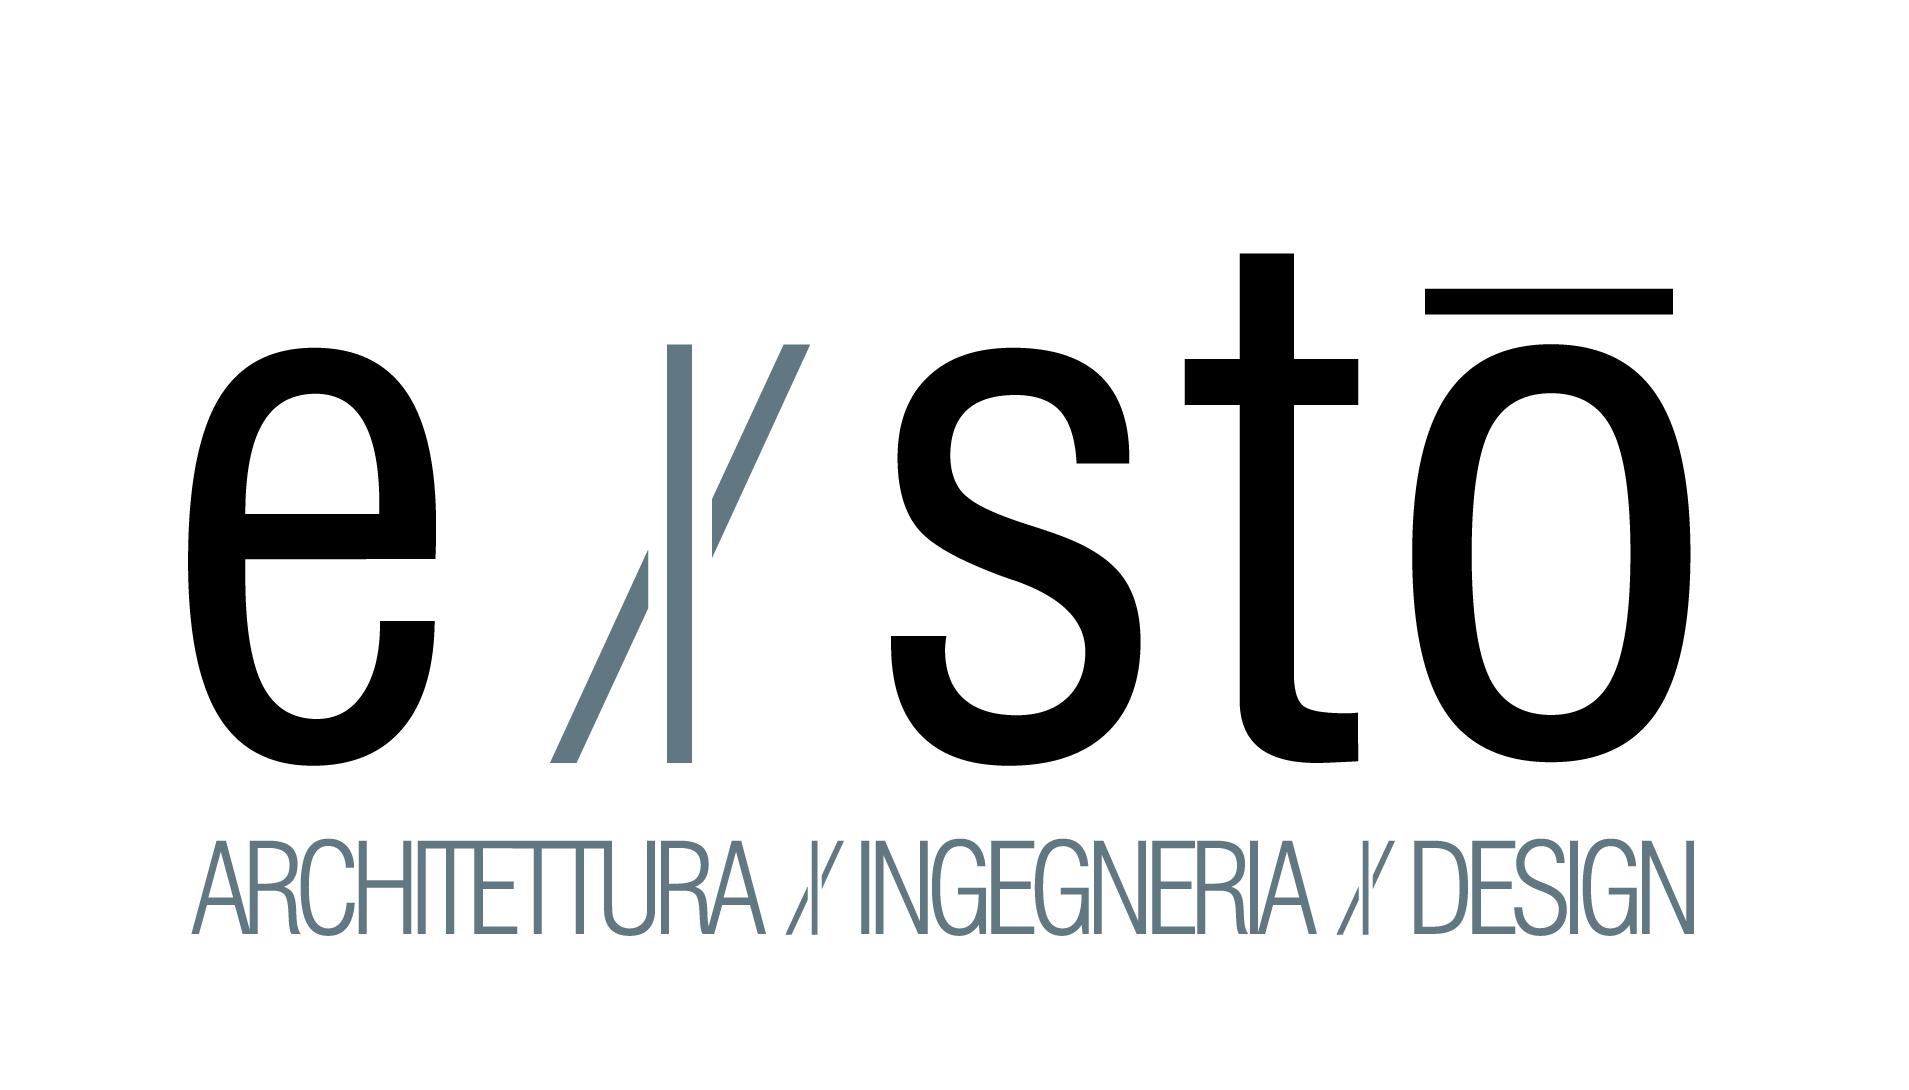 exsto-architettura|ingegneria|design